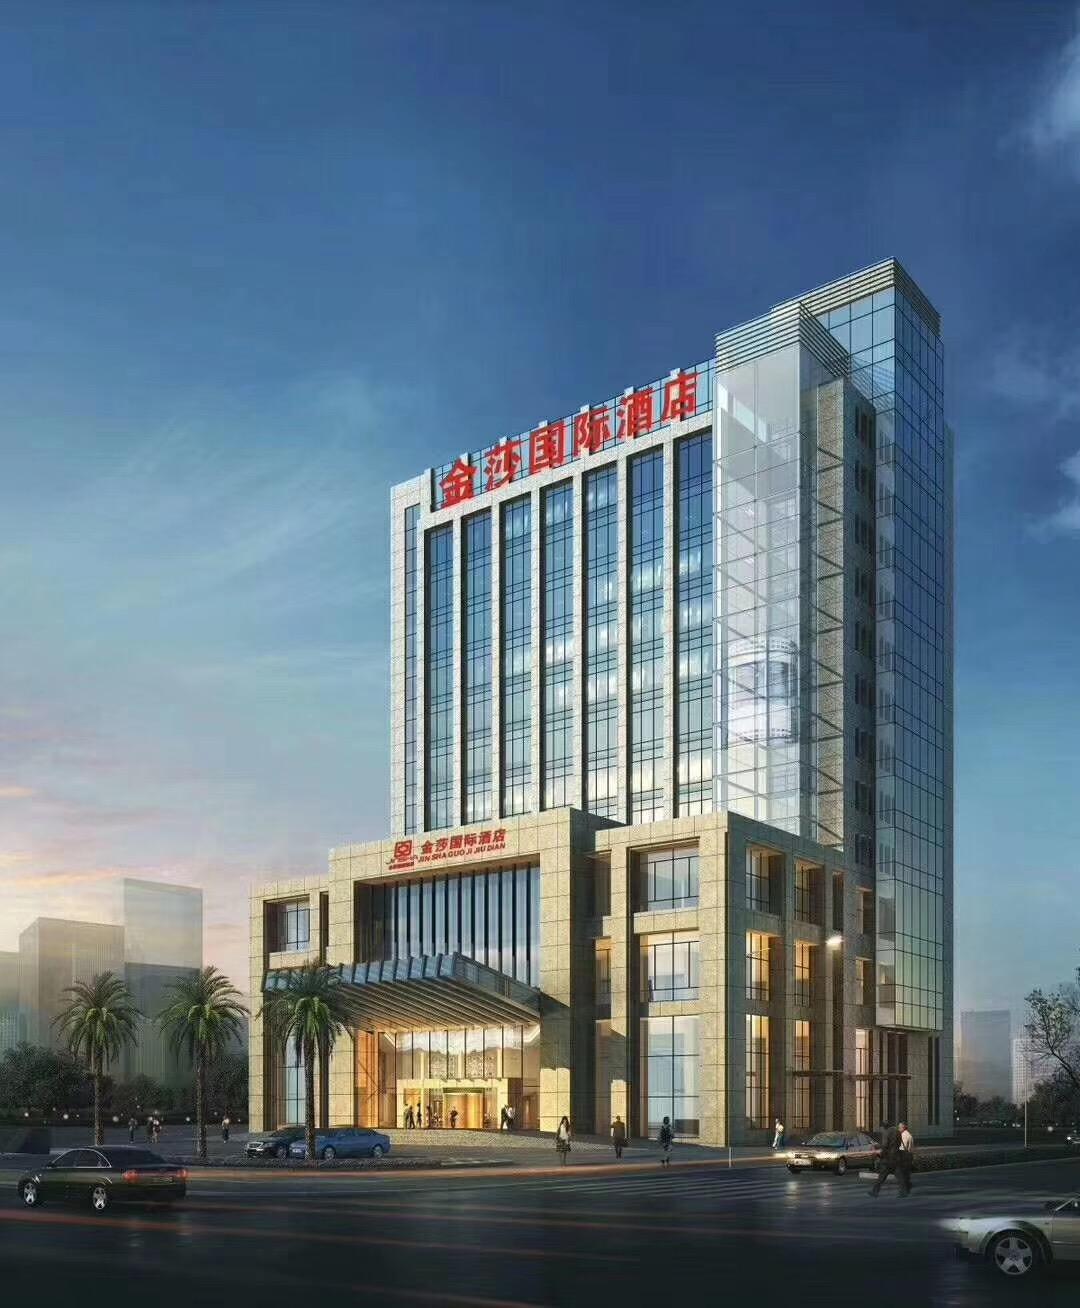 榆林金莎国际酒店宴会厅灯光音响系统工程项目